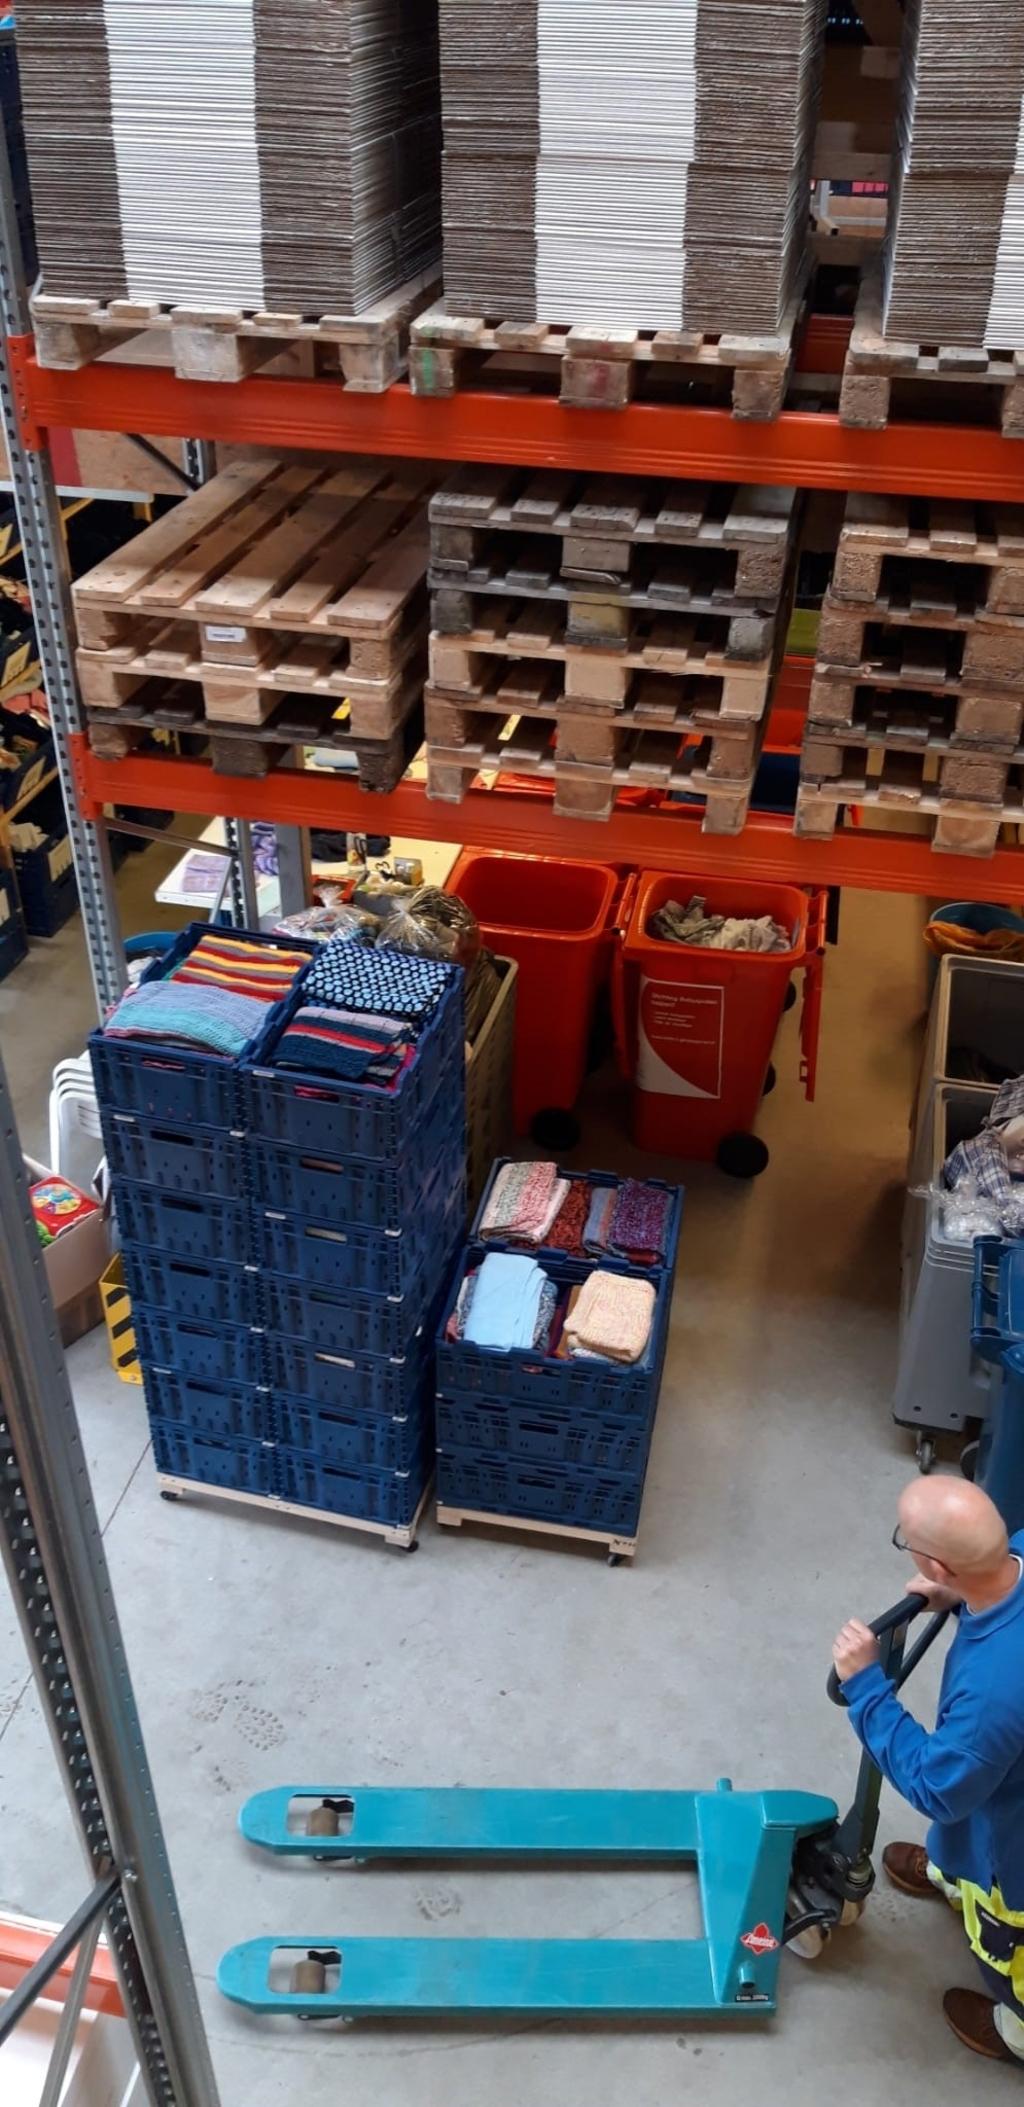 Alle kleedjes zijn in kratten opgestapeld bij Babyspullen in Heerhugowaard. ((Foto: aangeleverd )) © rodi